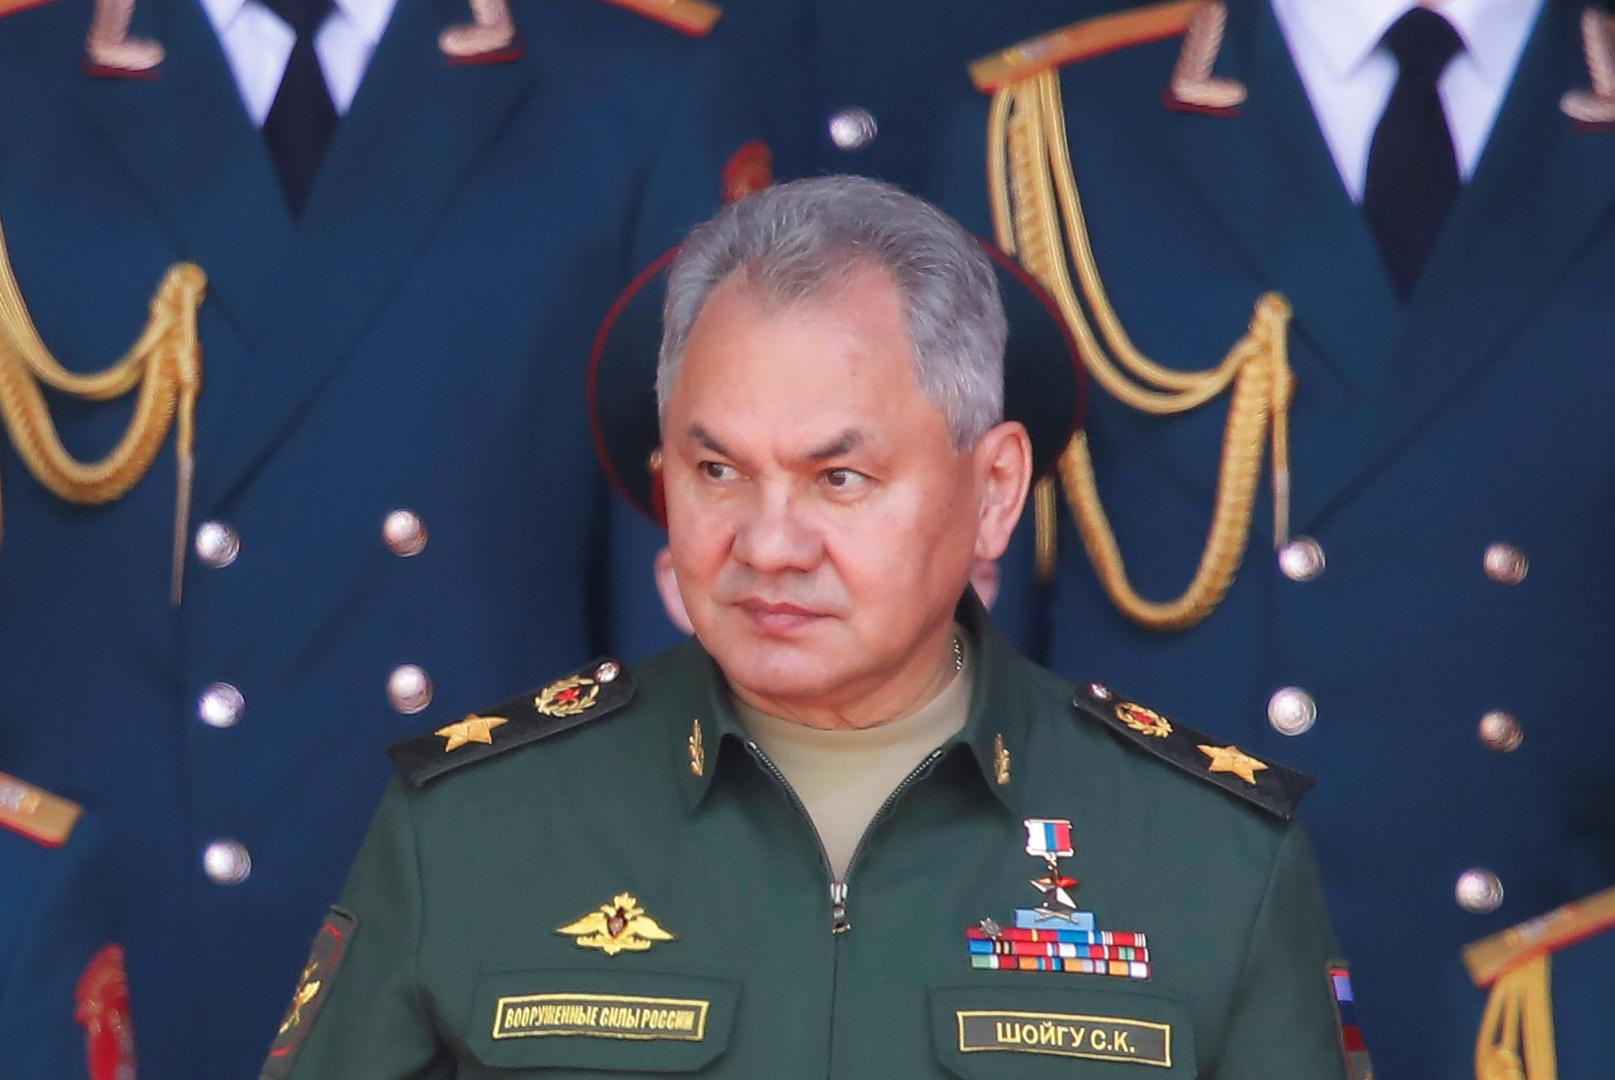 وزارة الدفاع الروسية تعلن إطلاق حملة تطعيم شاملة للجيش ضد فيروس كورونا